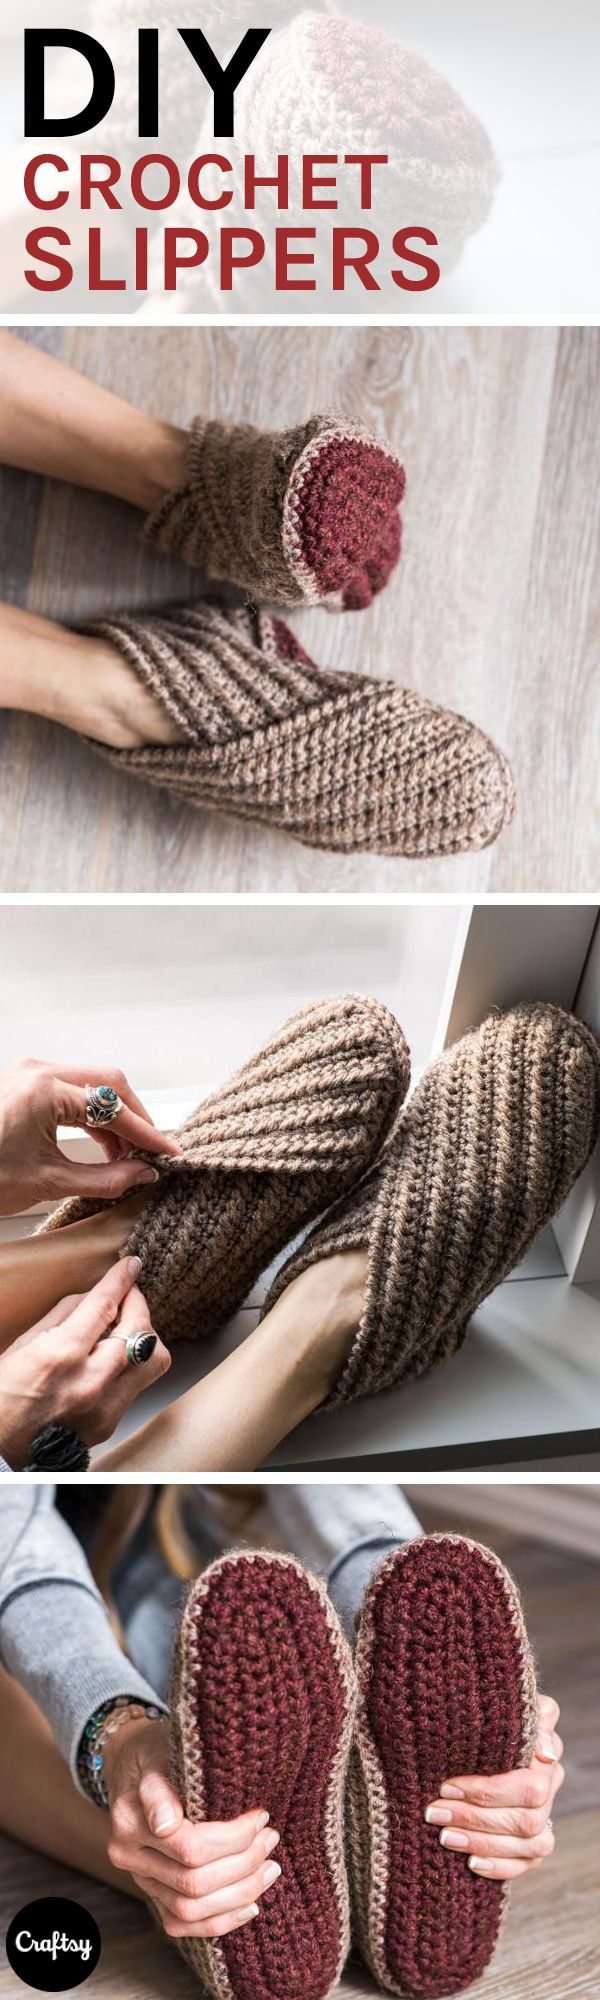 Rustic Wrap Slippers Crochet Kit | Hausschuhe, Häkeln und Stricken